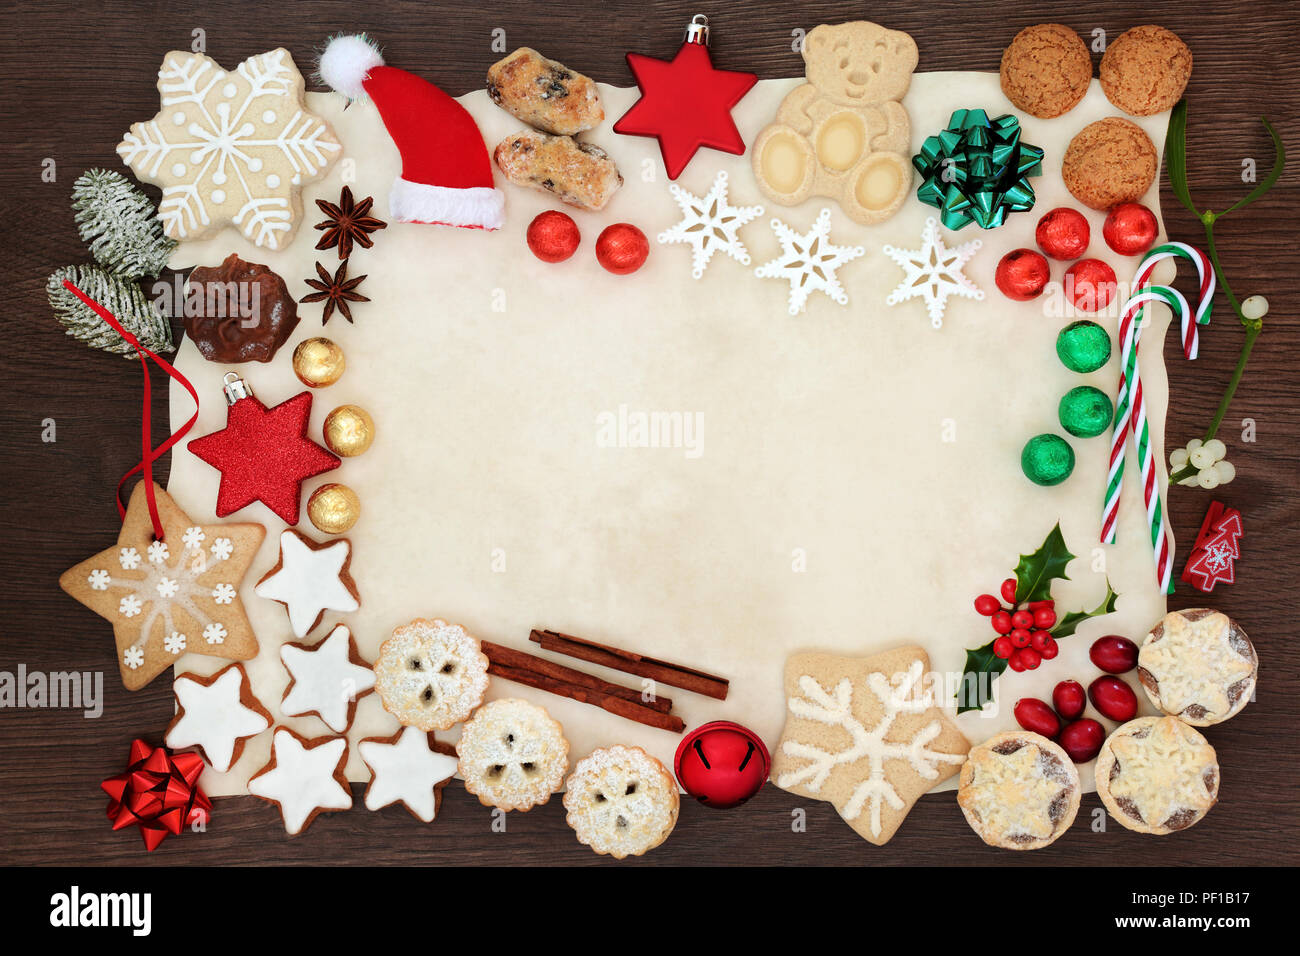 weihnachten festliche hintergrund grenze einschliesslich christbaumschmuck kekse kuchen schokolade gewurze und winter flora auf pergamentpapier auf eiche